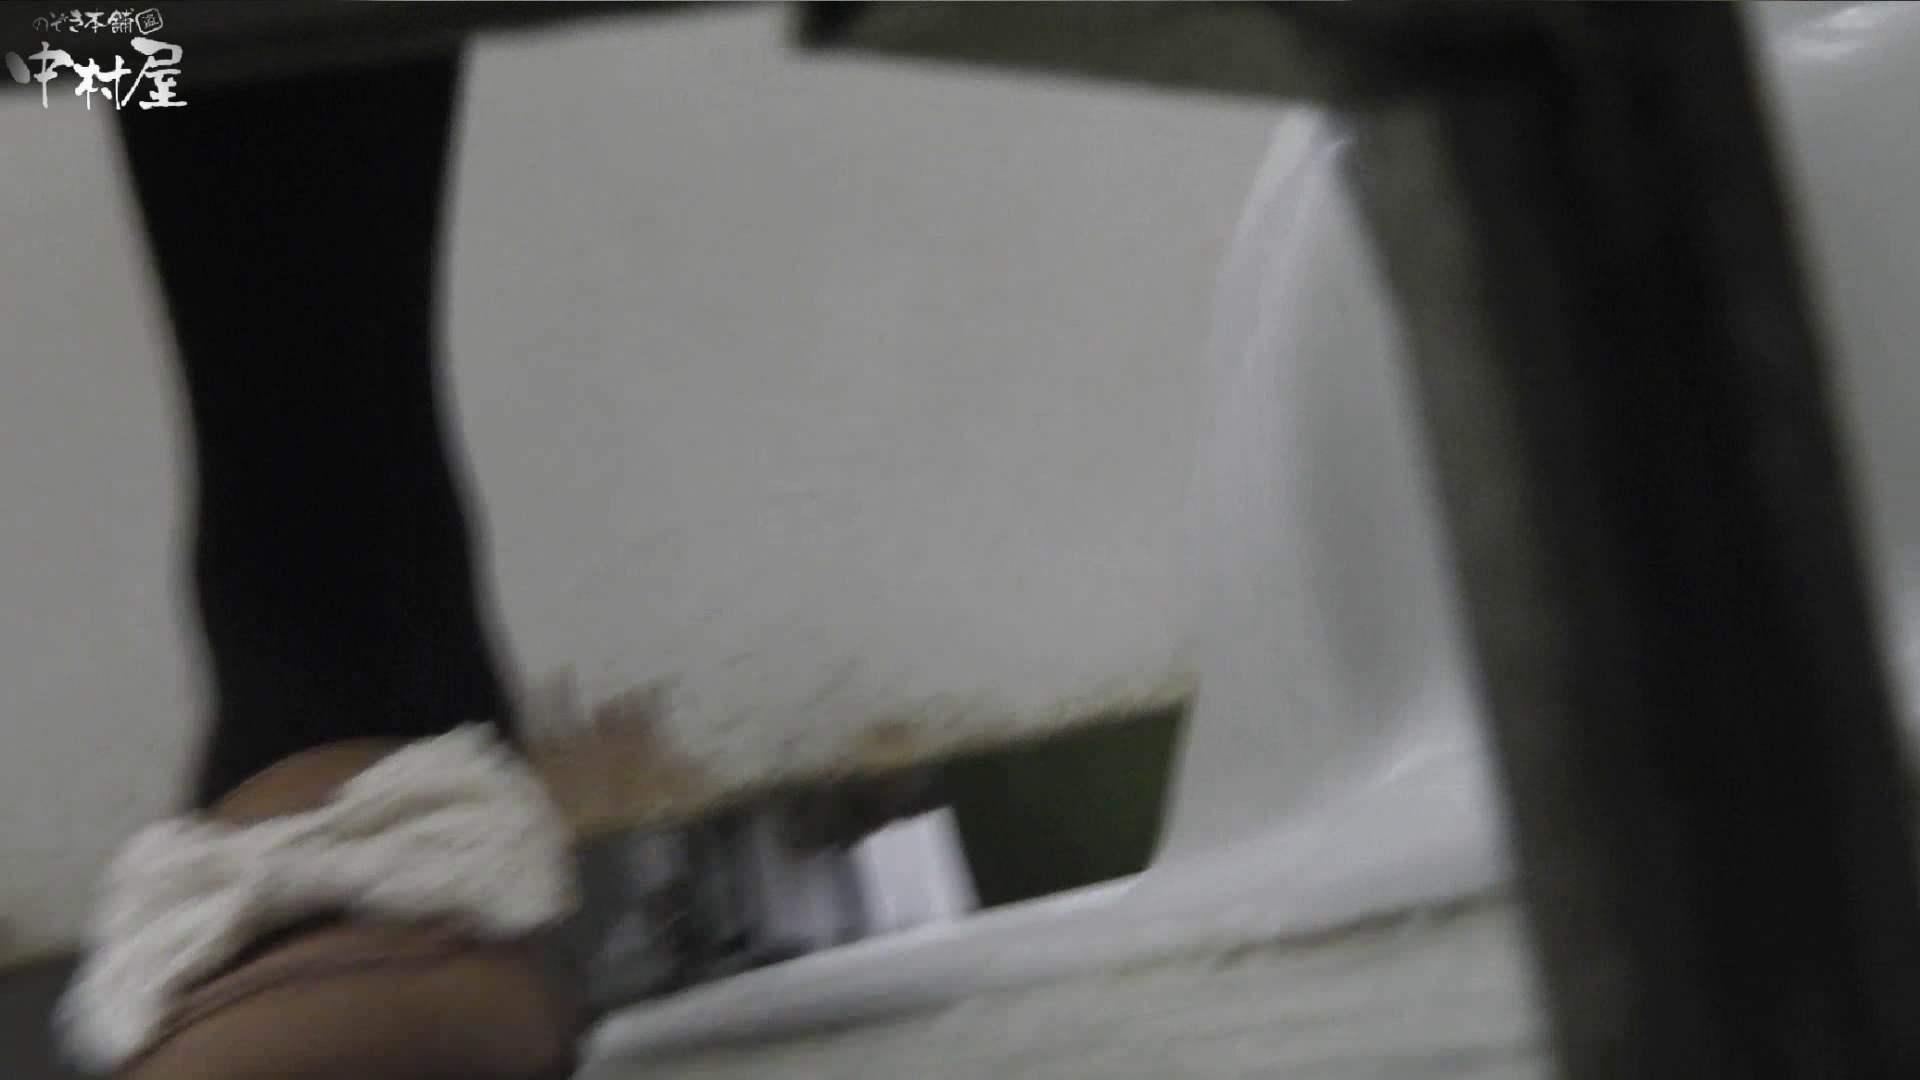 vol.06 命がけ潜伏洗面所! 茶髪タン、ハァハァ 後編 潜入 | 洗面所  63連発 21